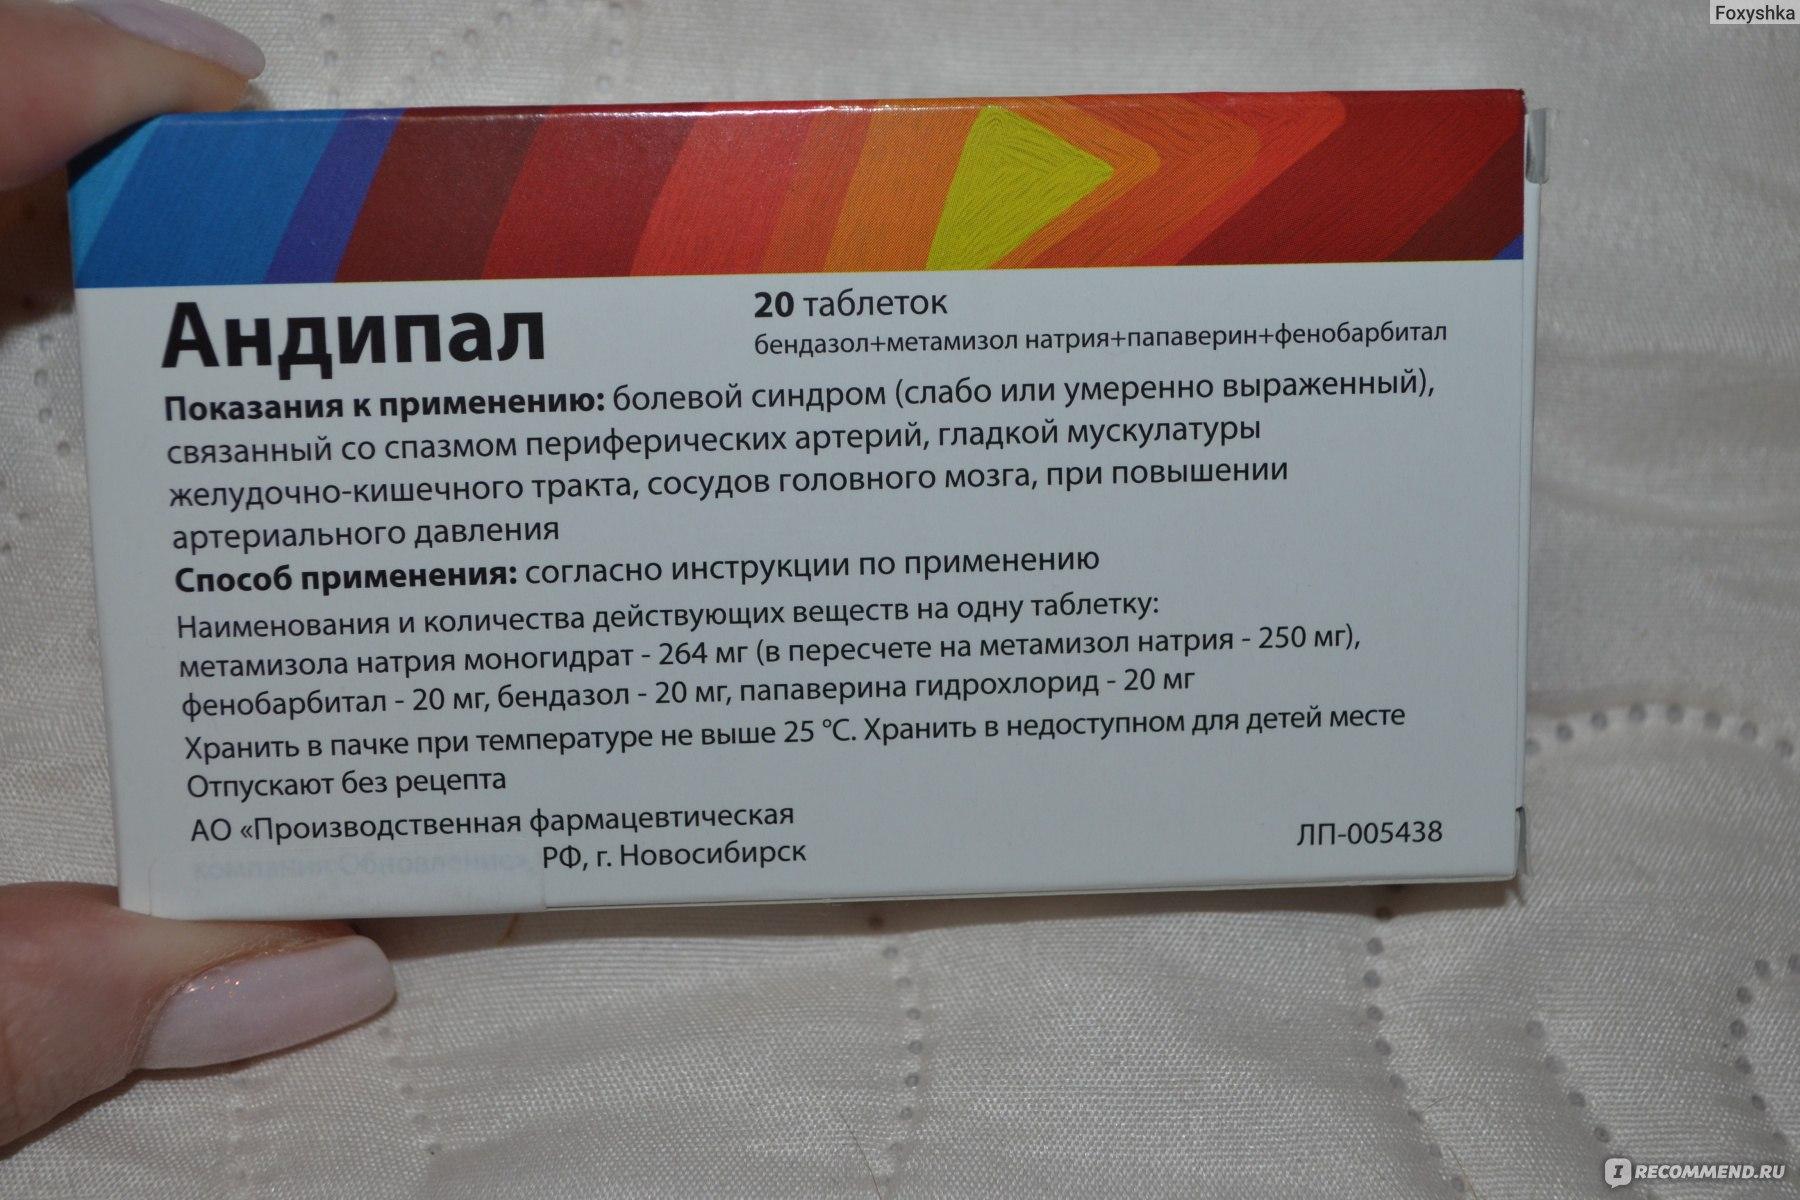 АНДИПАЛ таблетки: 81 отзыв от реальных людей. Все отзывы о ...